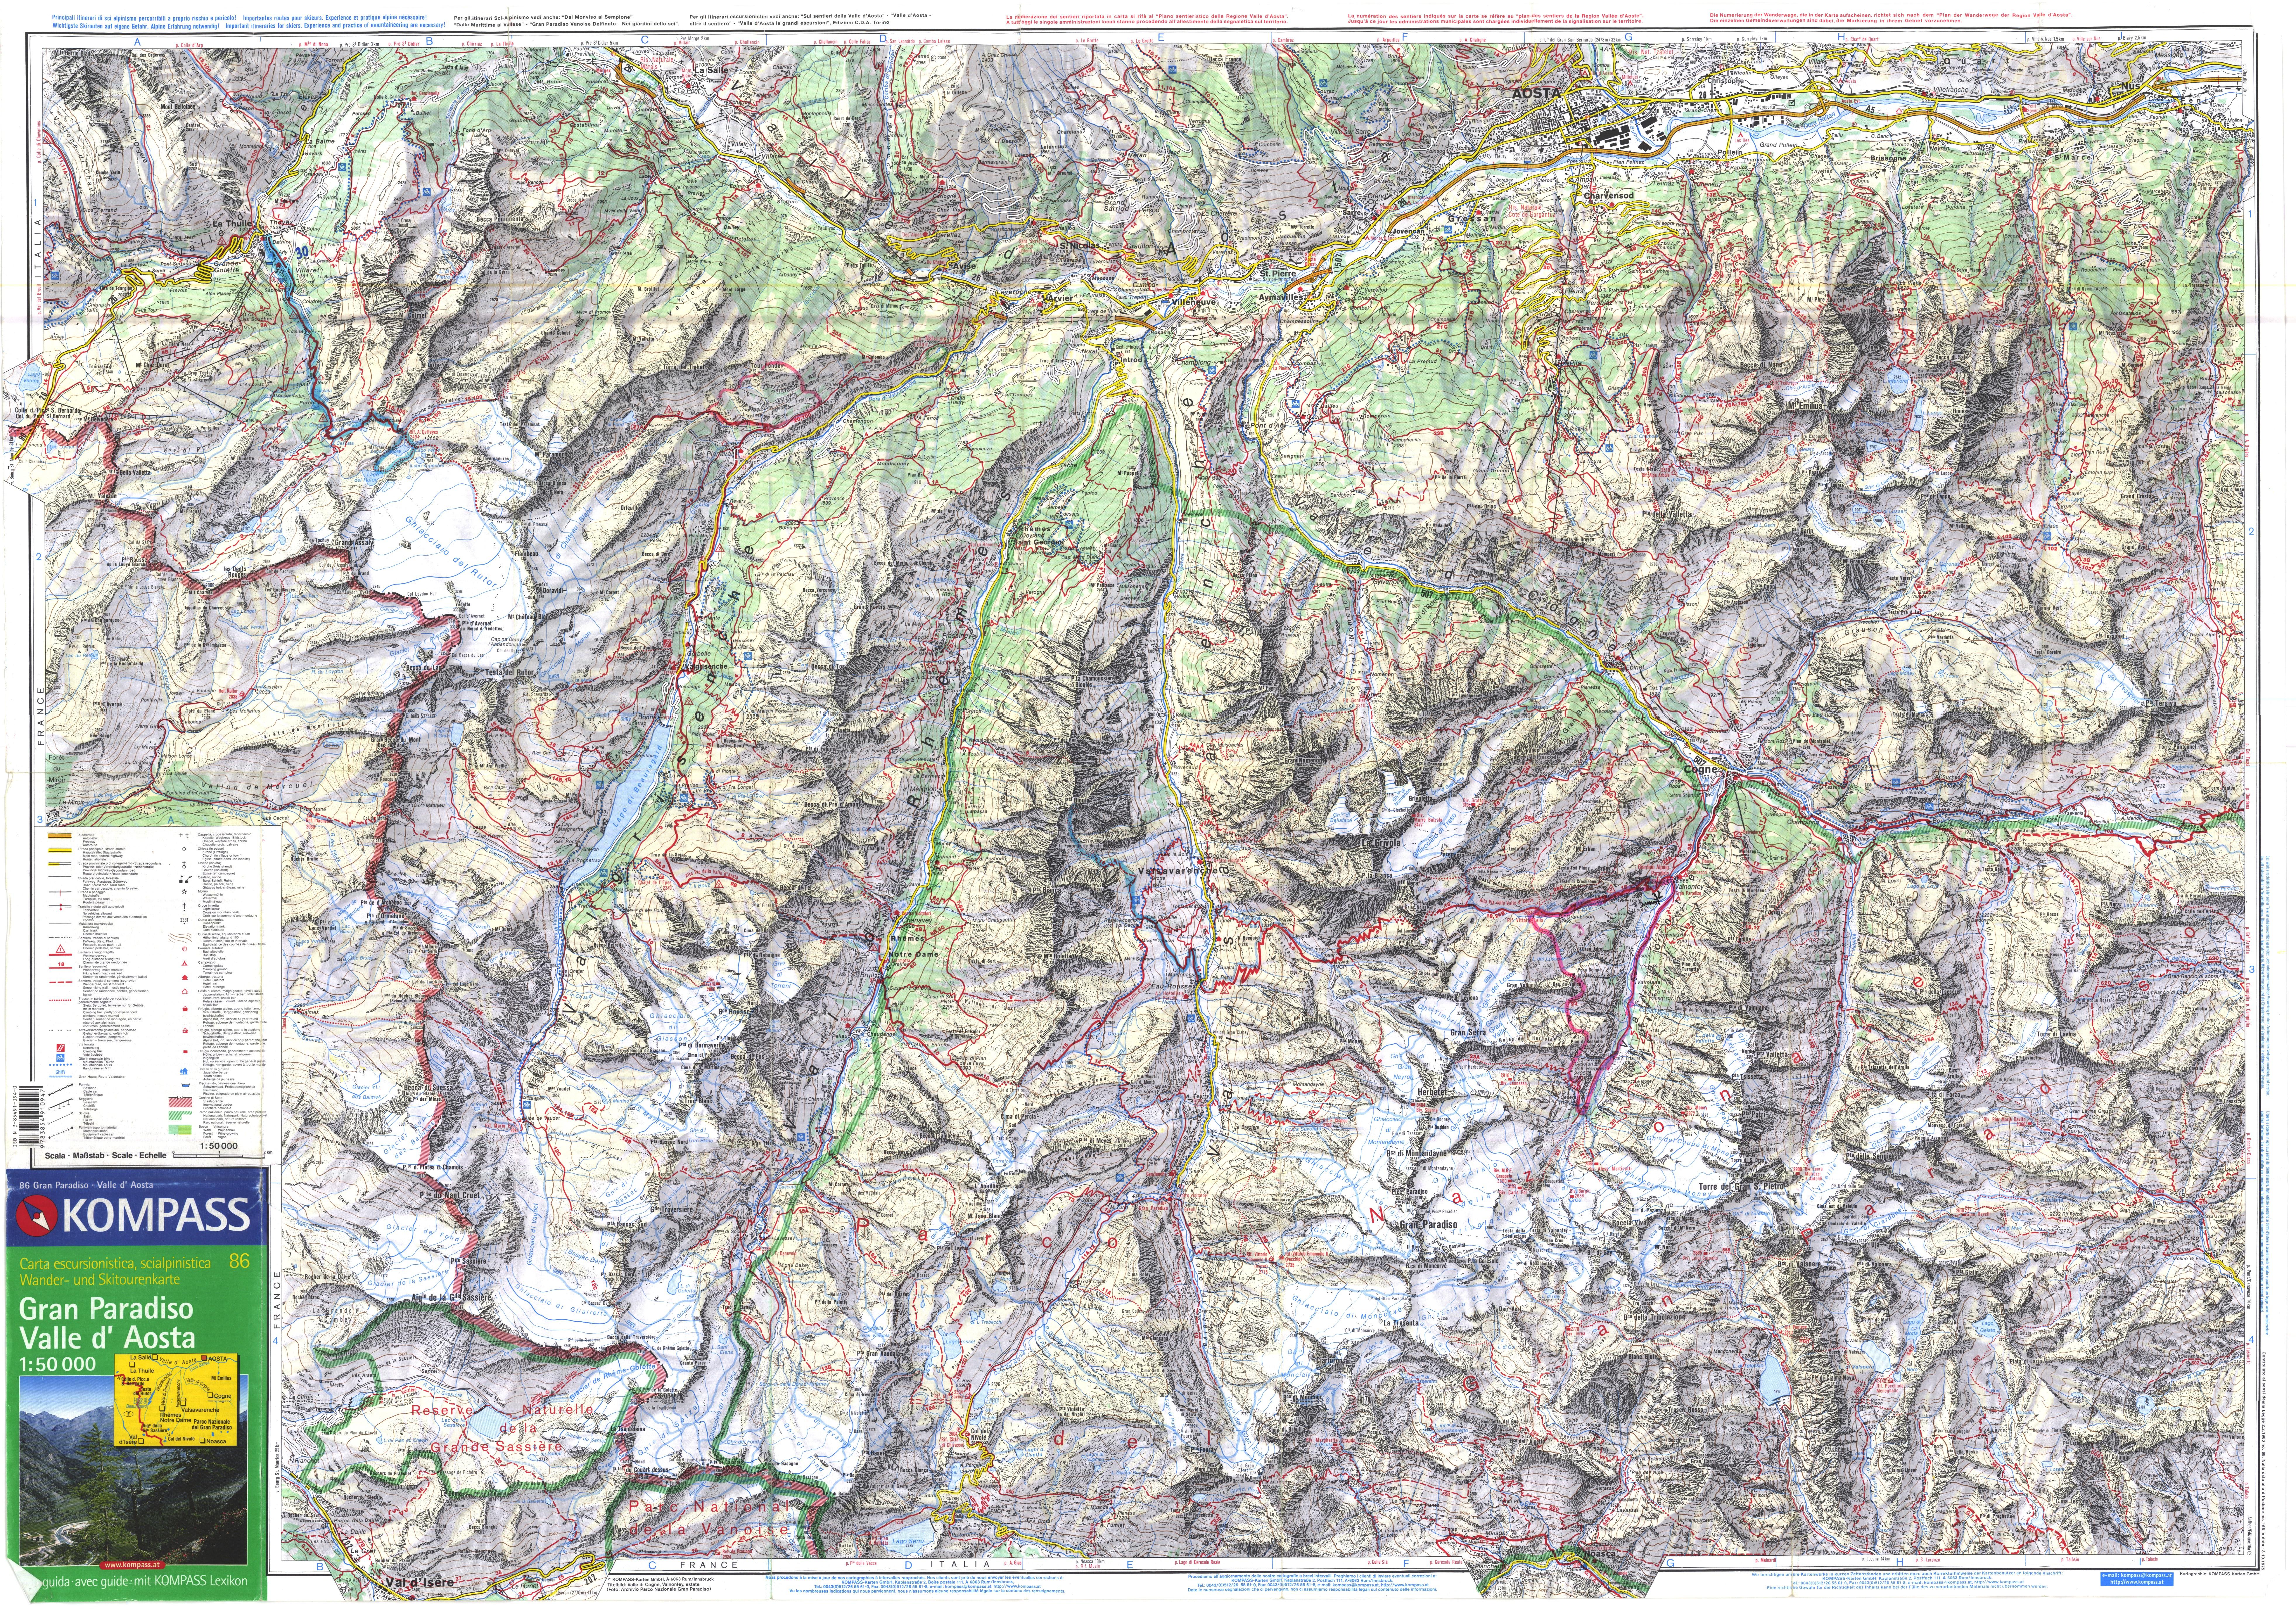 карта национальный парк Gran Paradiso, скачать